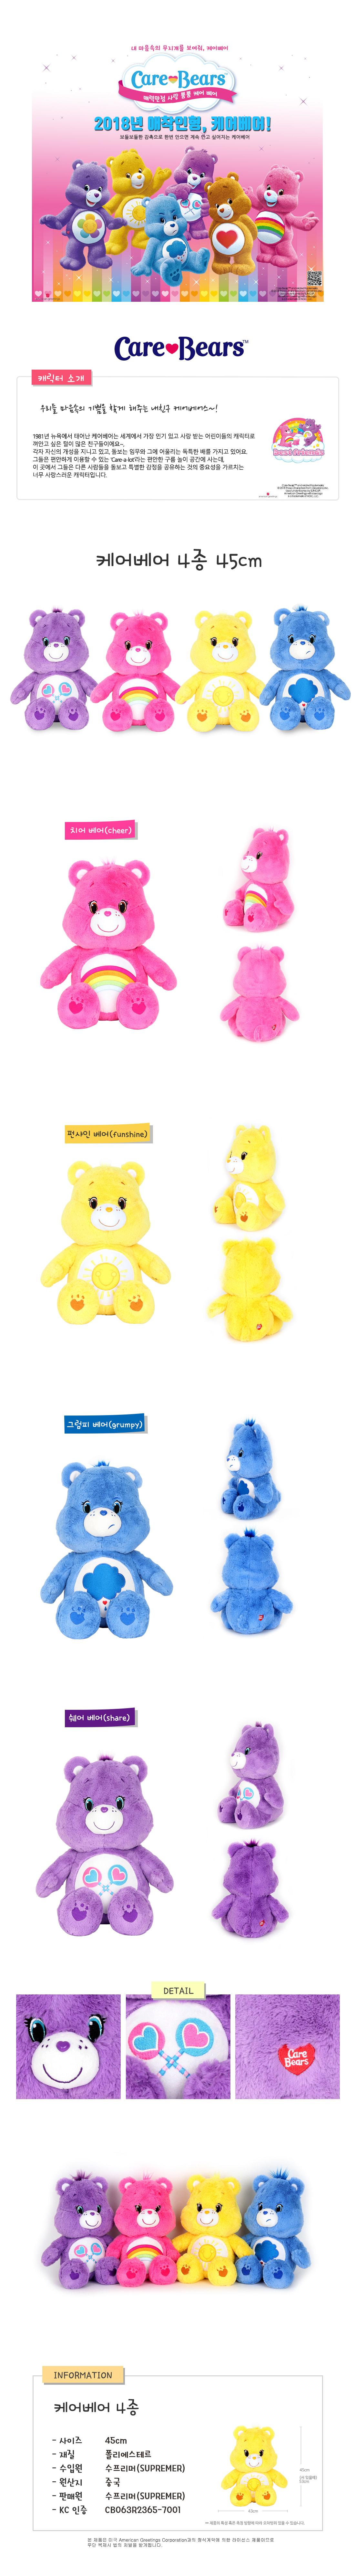 케어베어 쉐어베어 45cm - 드림월드, 34,000원, 애니멀인형, 곰 인형